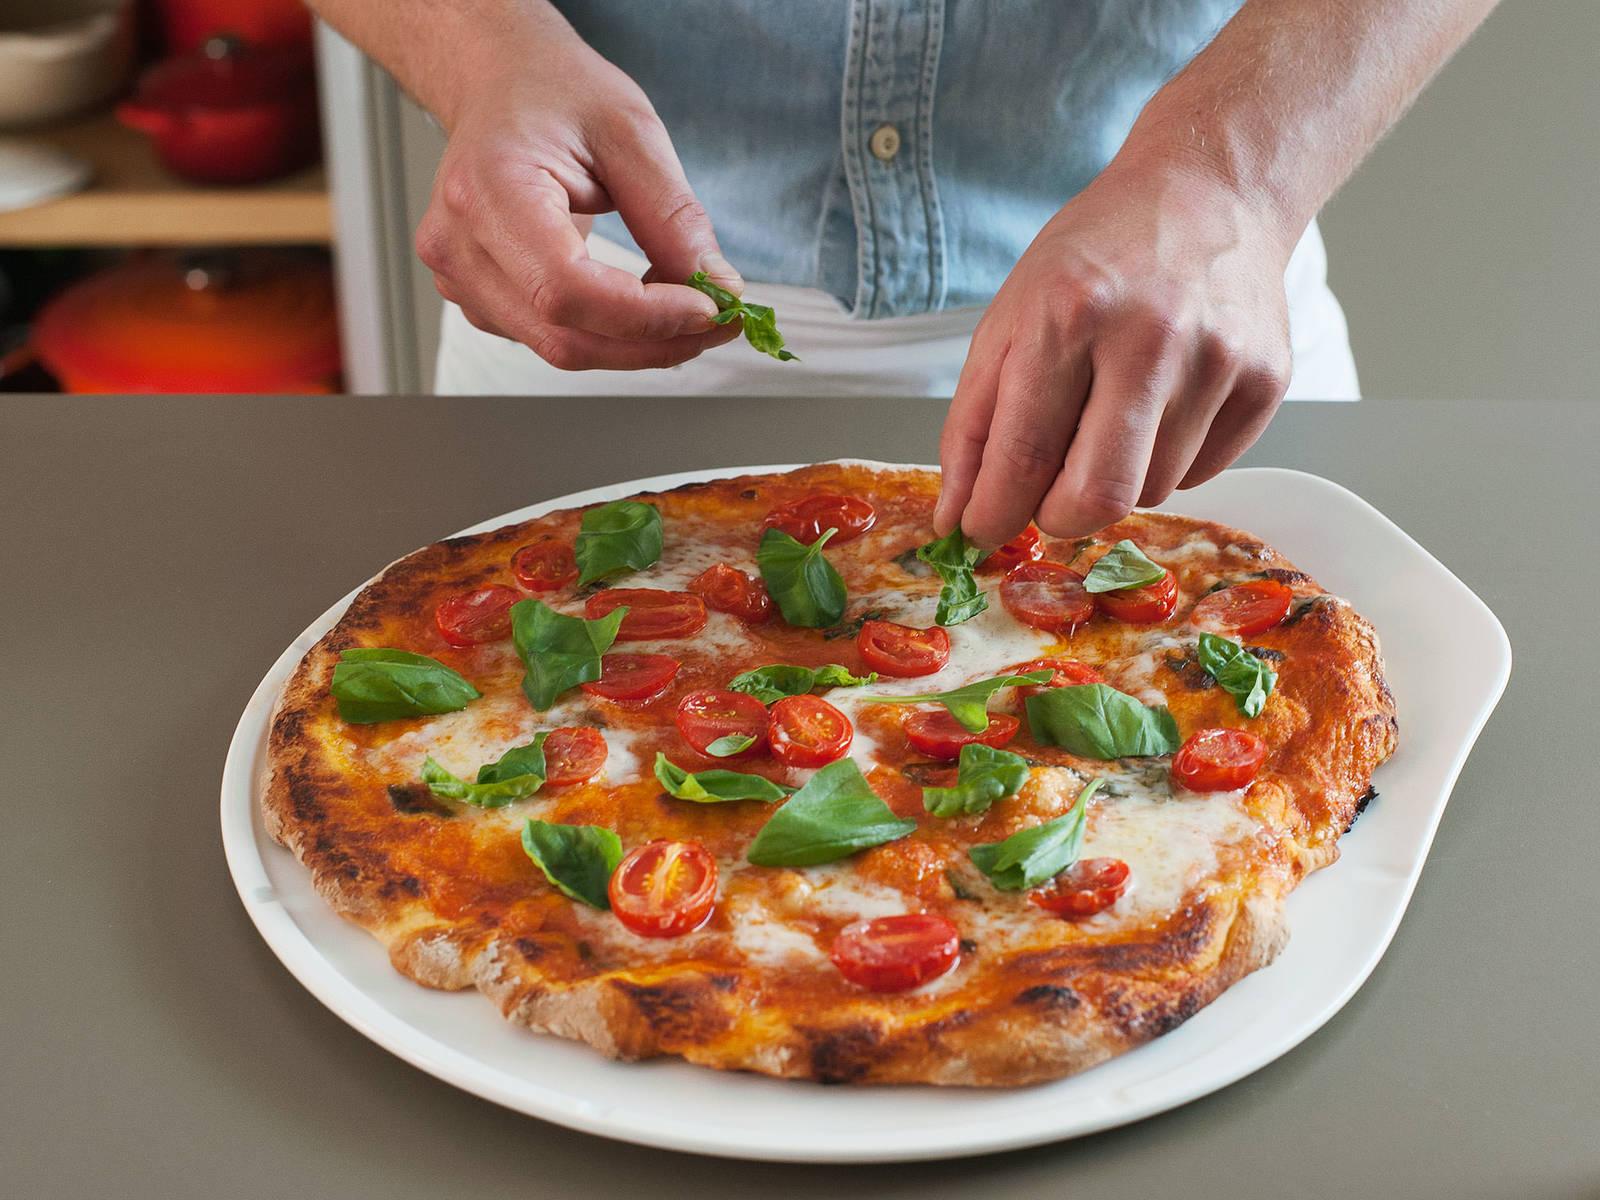 Pizza mit frischen Basilikumblättern verzieren. Auf Wunsch mit einem hochwertigen Olivenöl beträufelt servieren. Guten Appetit!